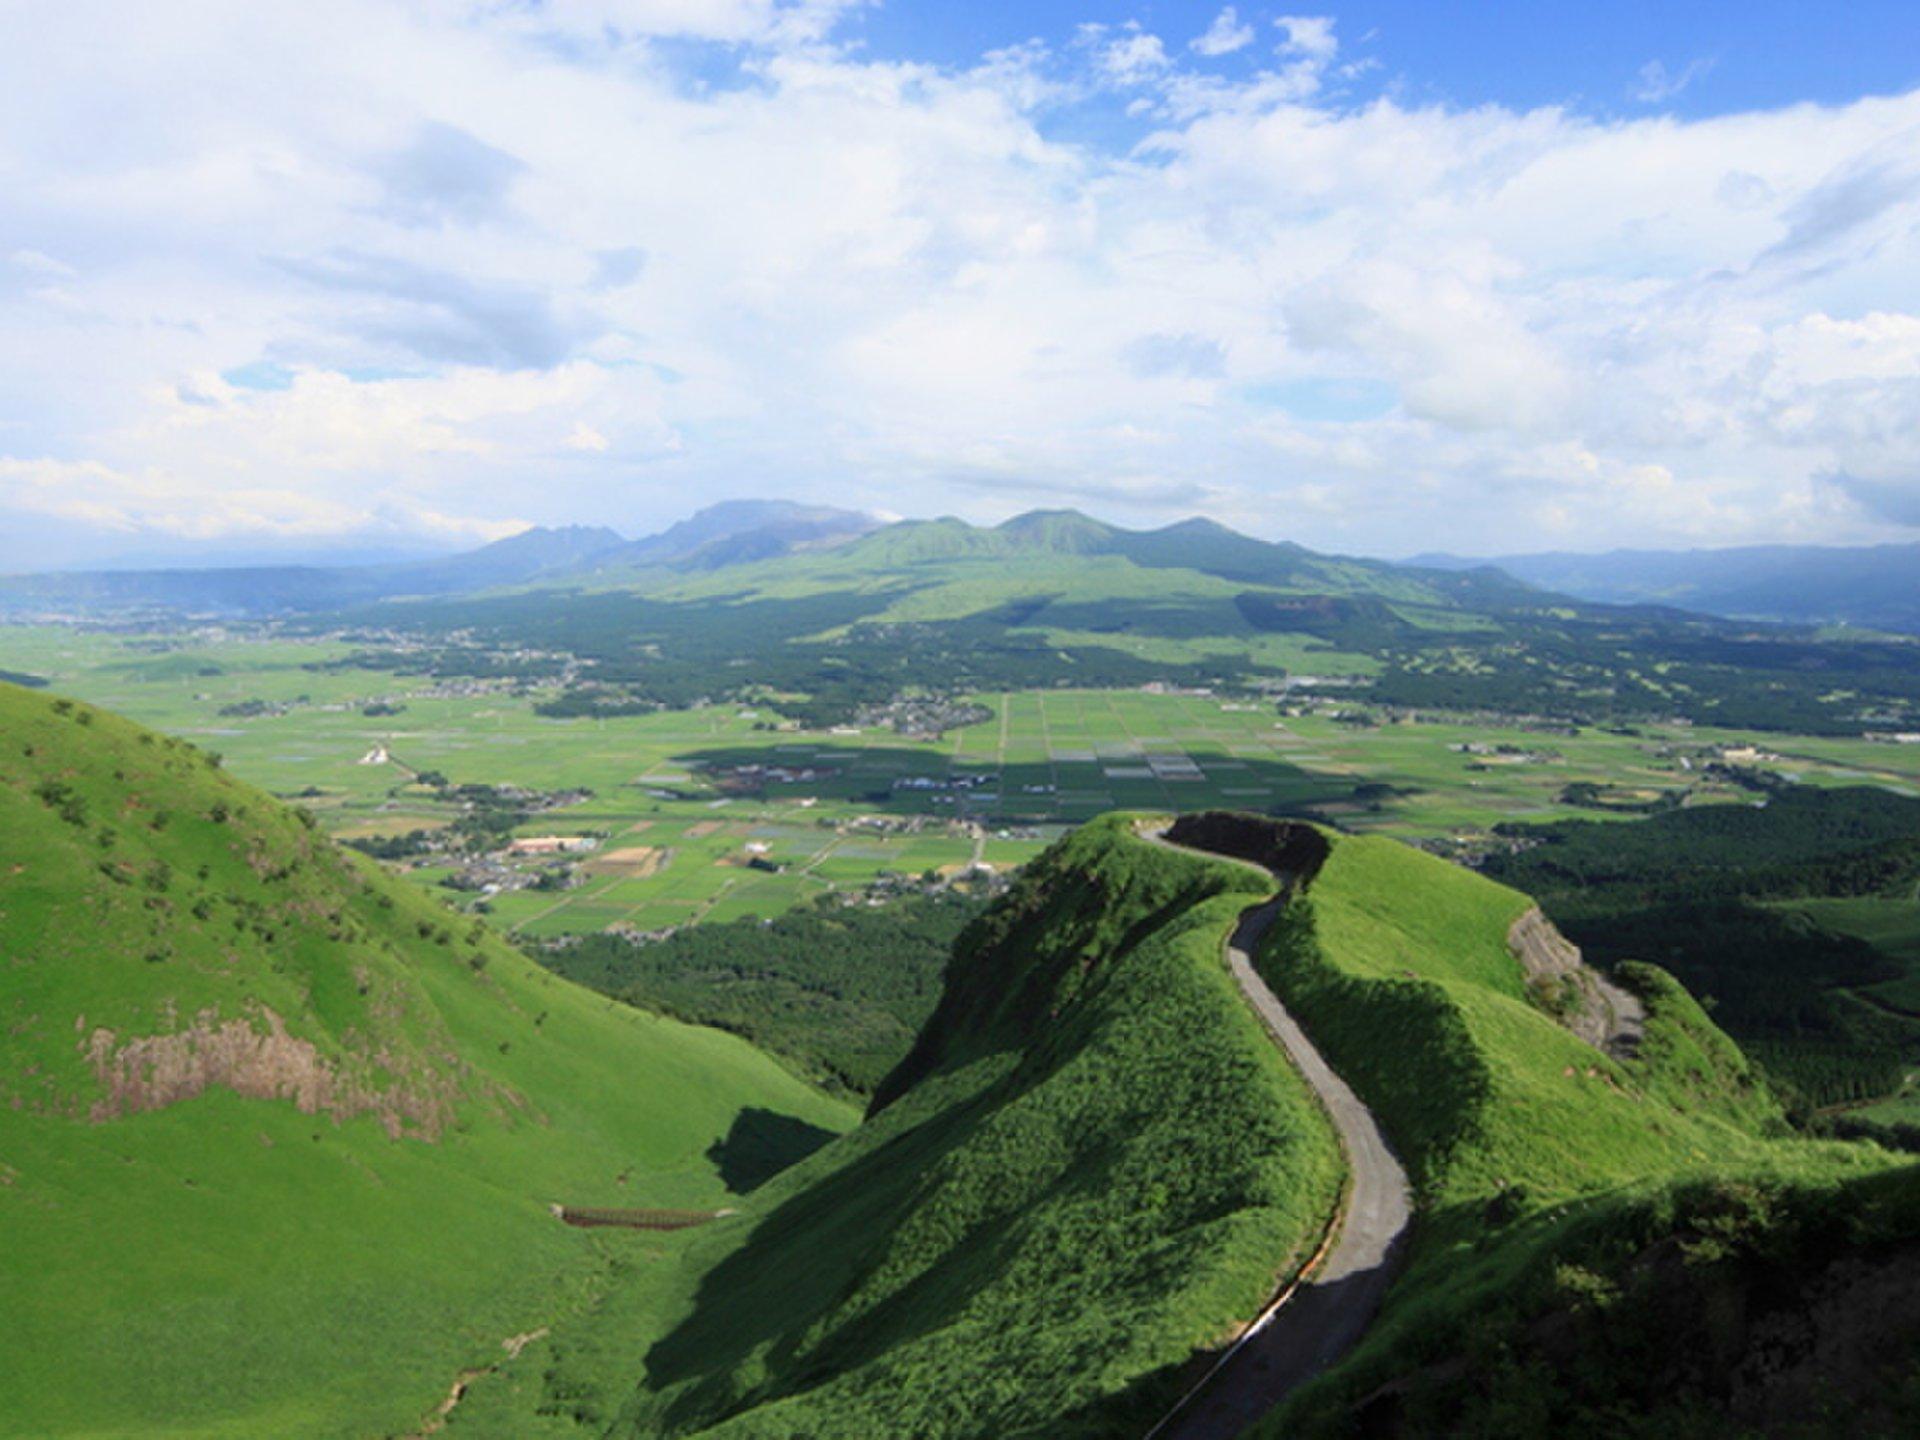 熊本の大自然を観光ドライブ&グルメ!博多に負けないラーメン情報もご紹介